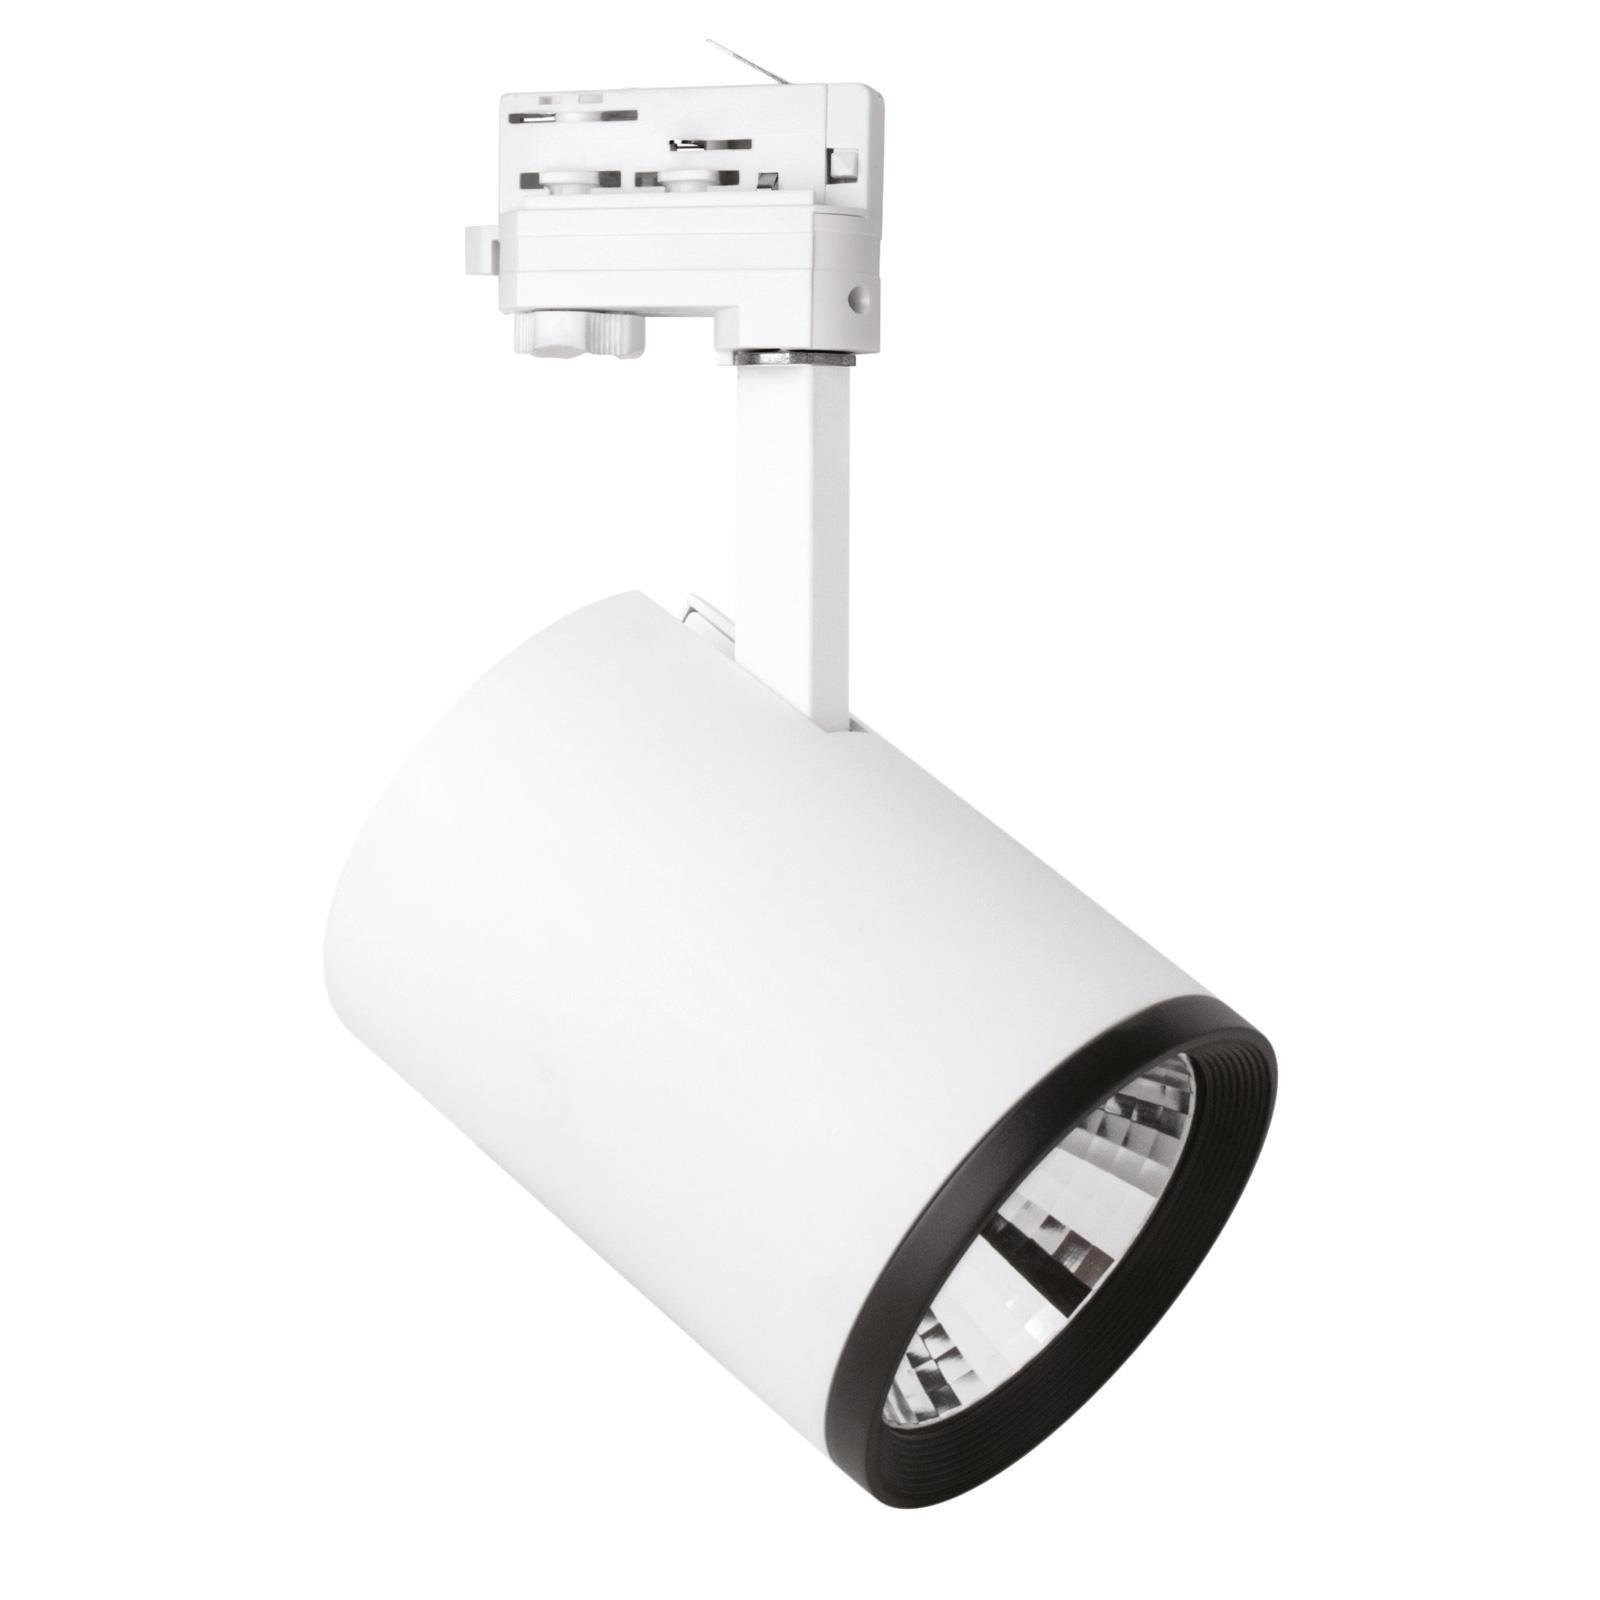 LED-spot Marco voor 3-fasen railsysteem wit 3.000K